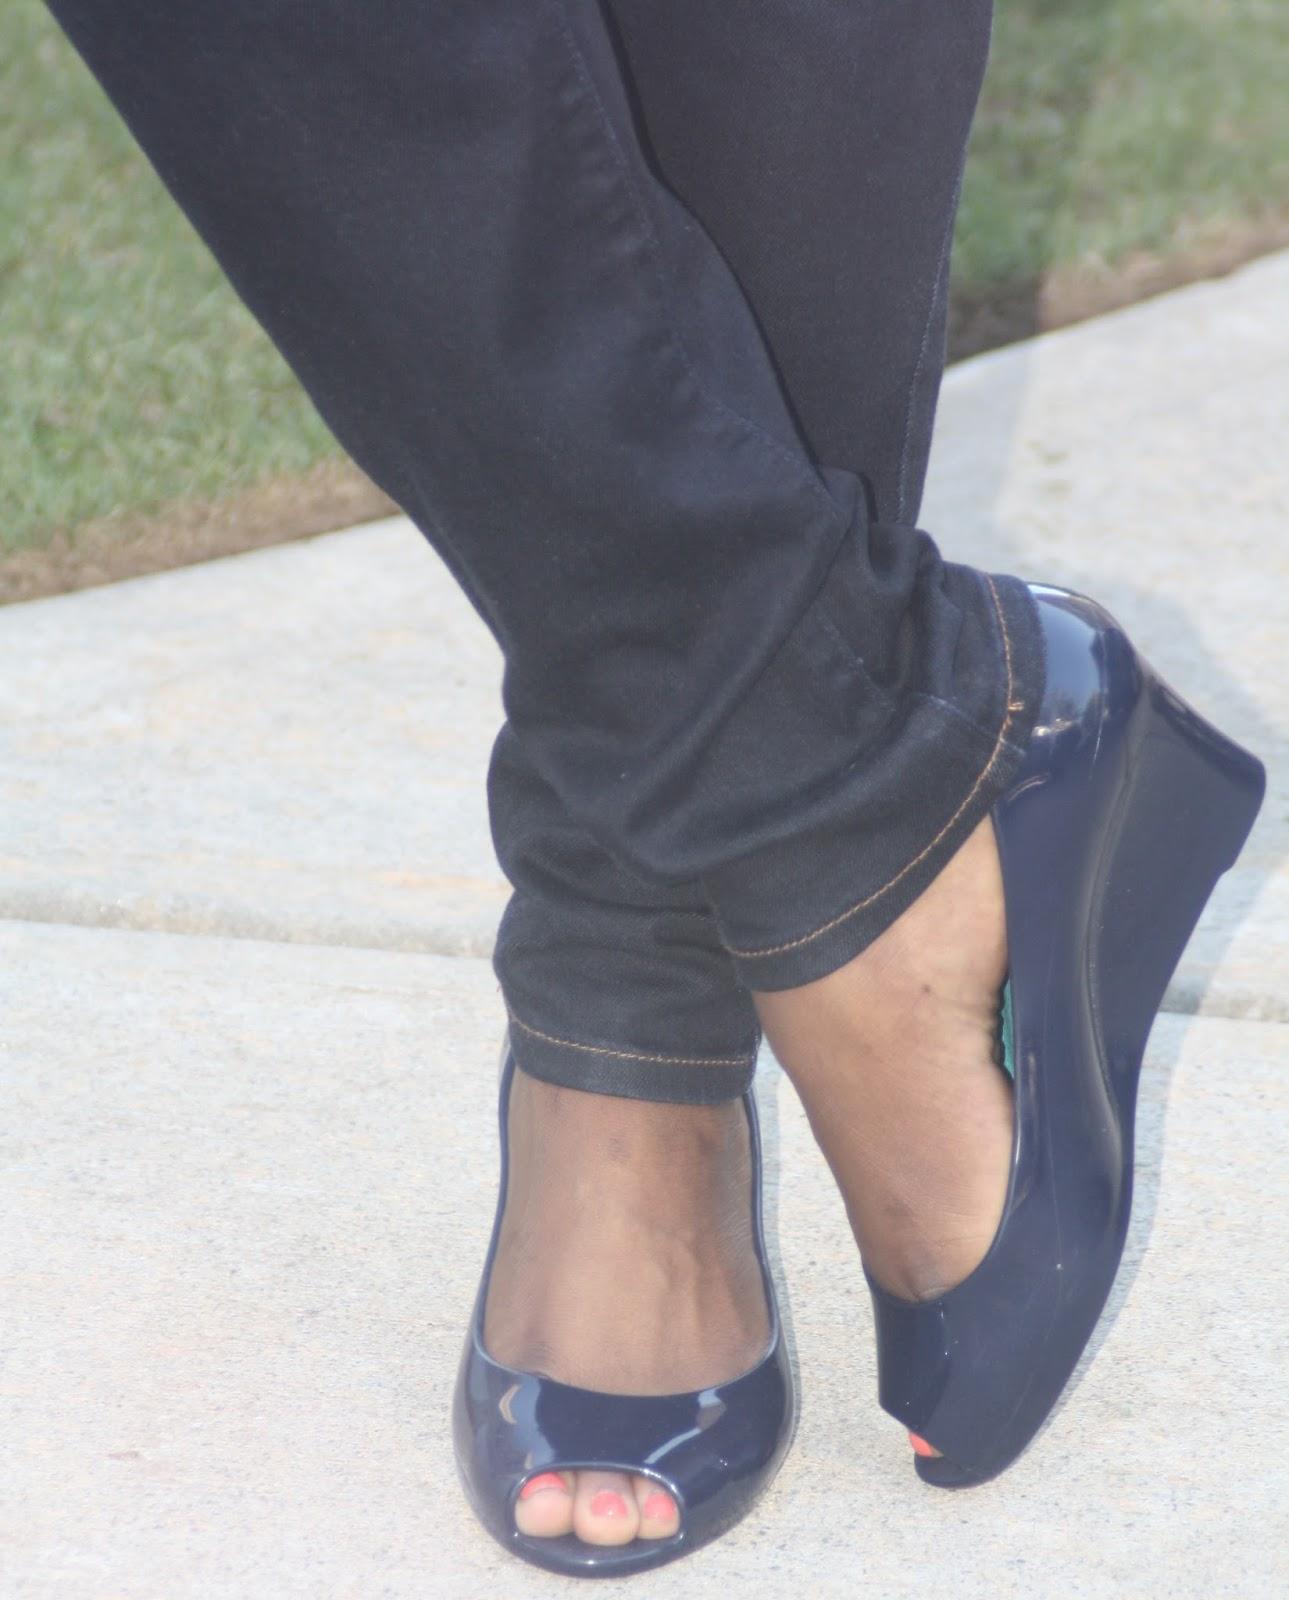 Oka B Shoes Reviews